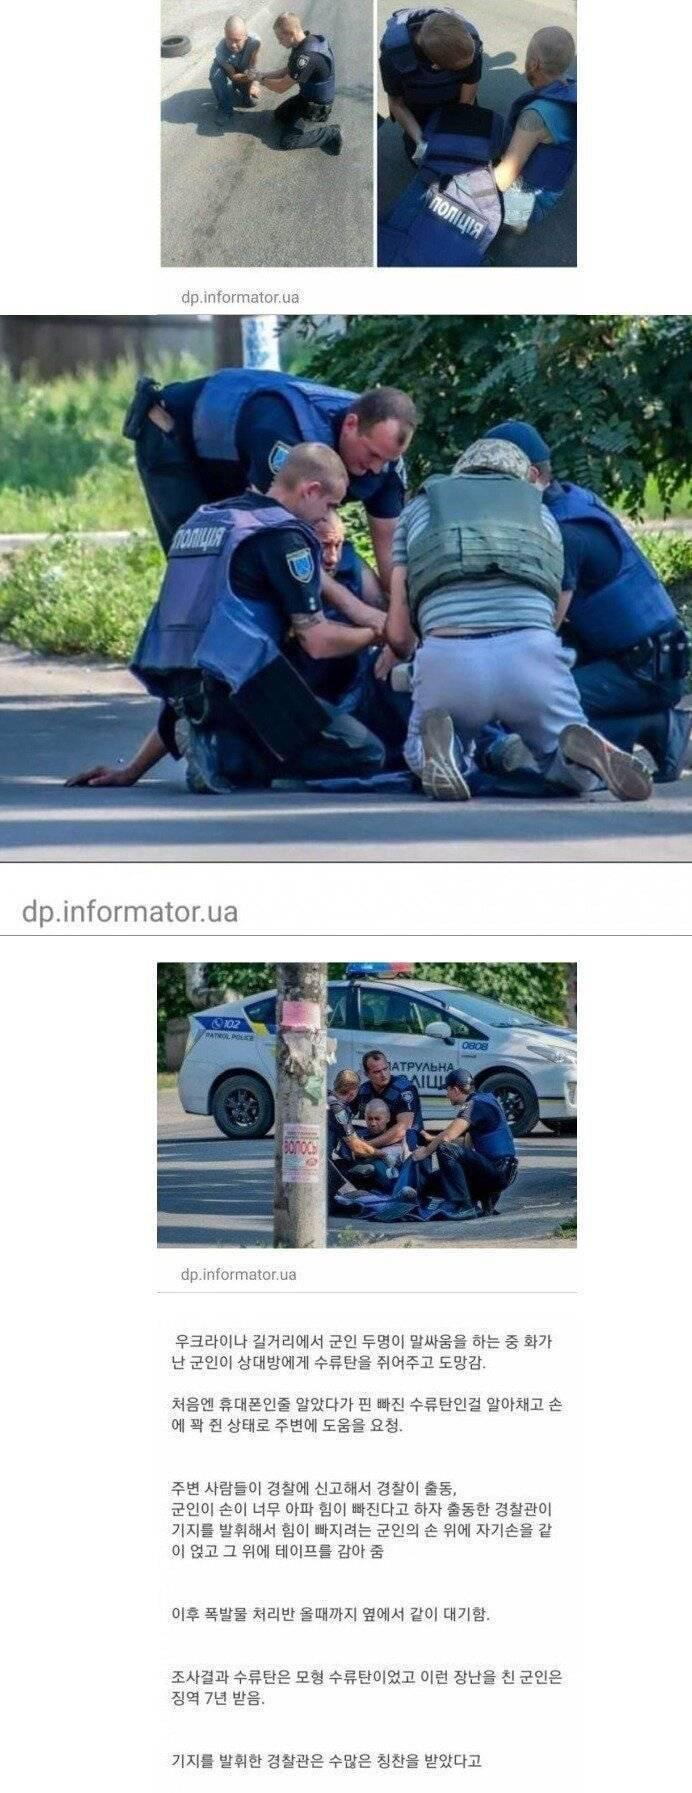 우크라이나 수류탄 사건 | 인스티즈